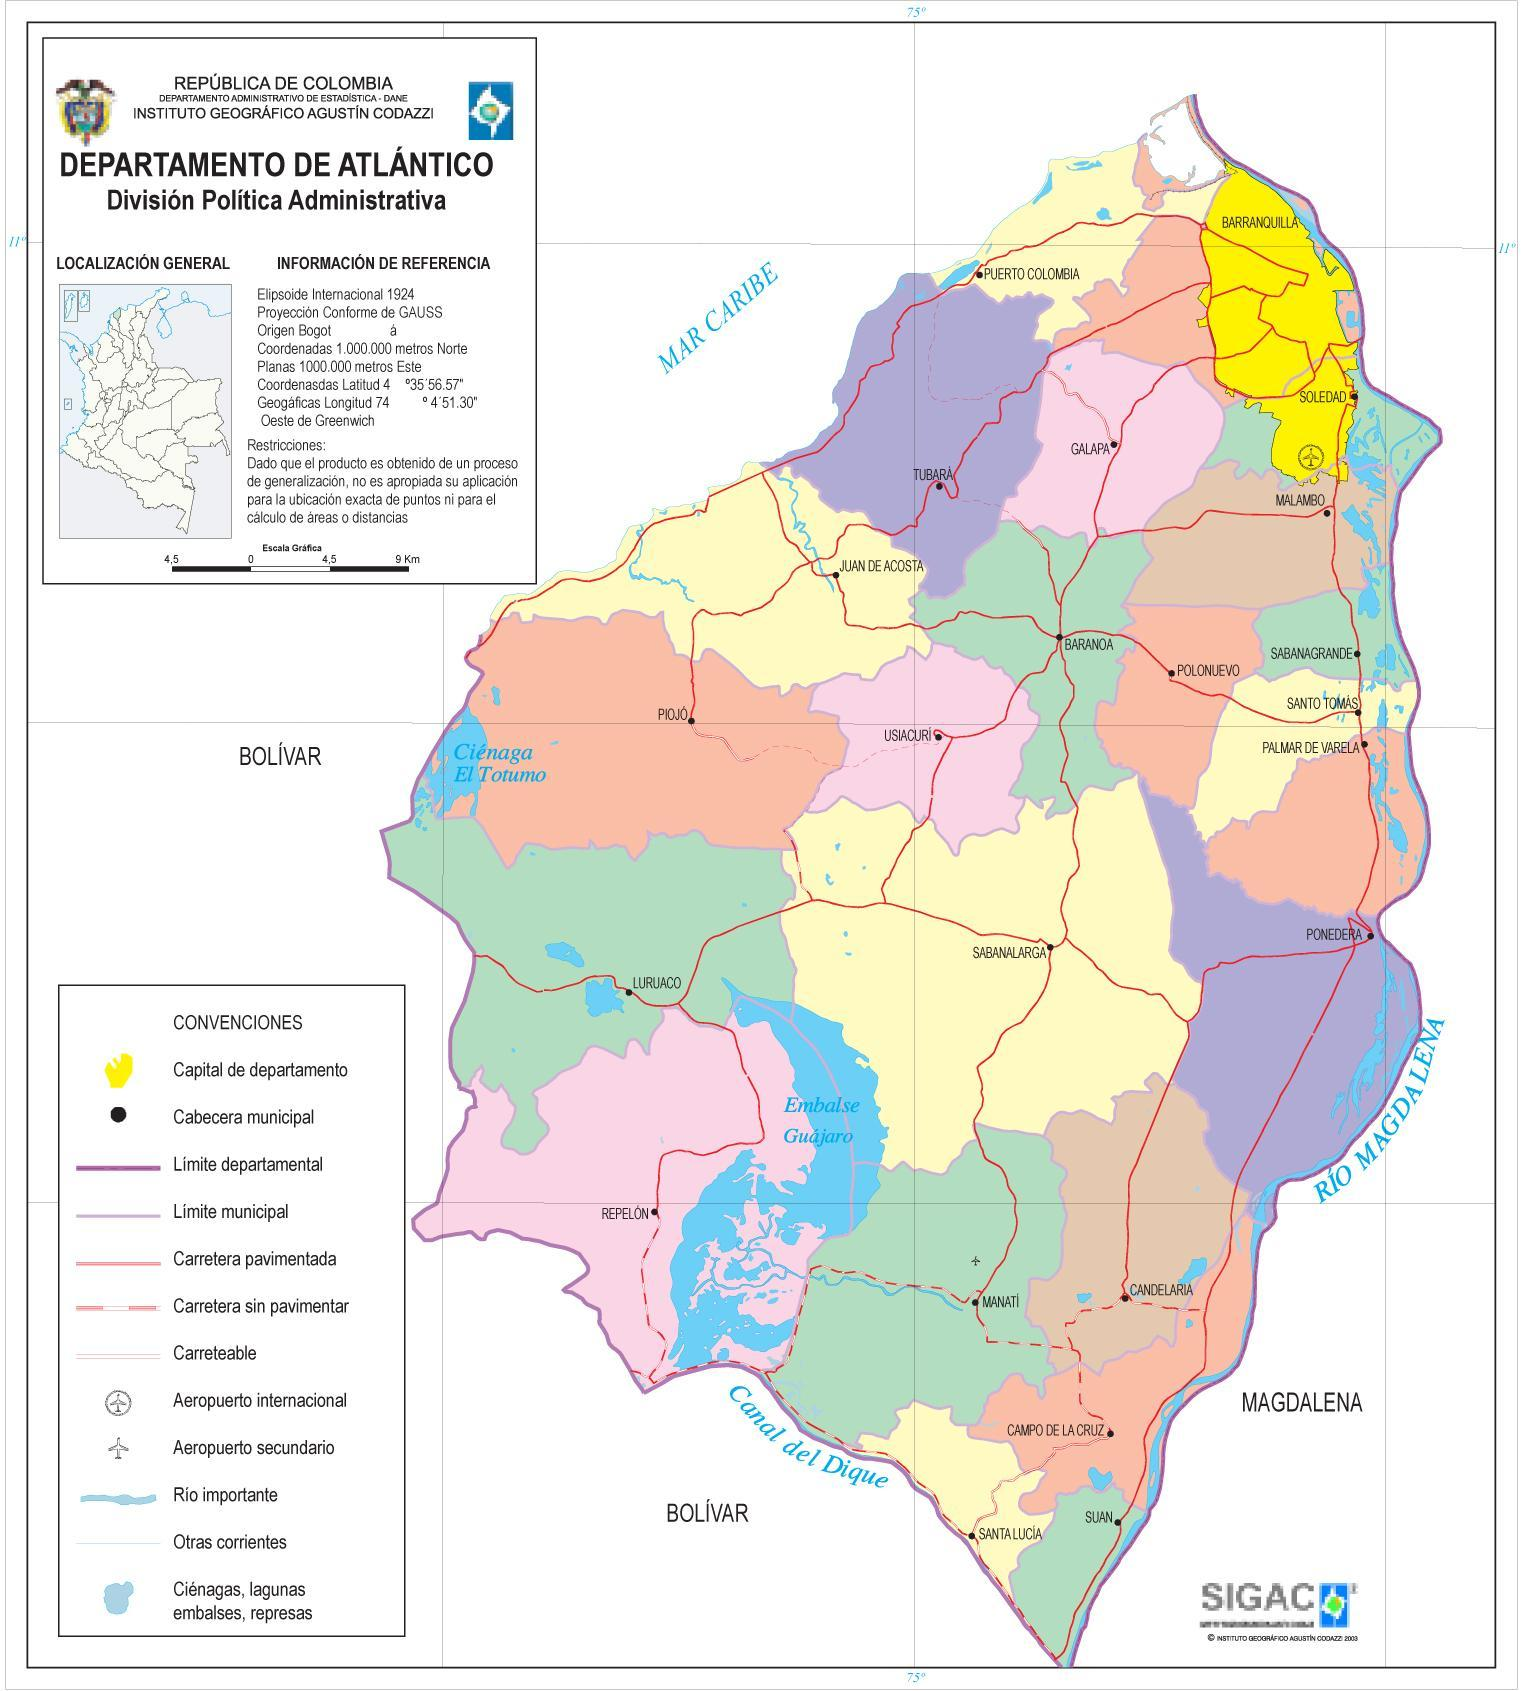 Mapa del Departamento del Atlántico, Colombia